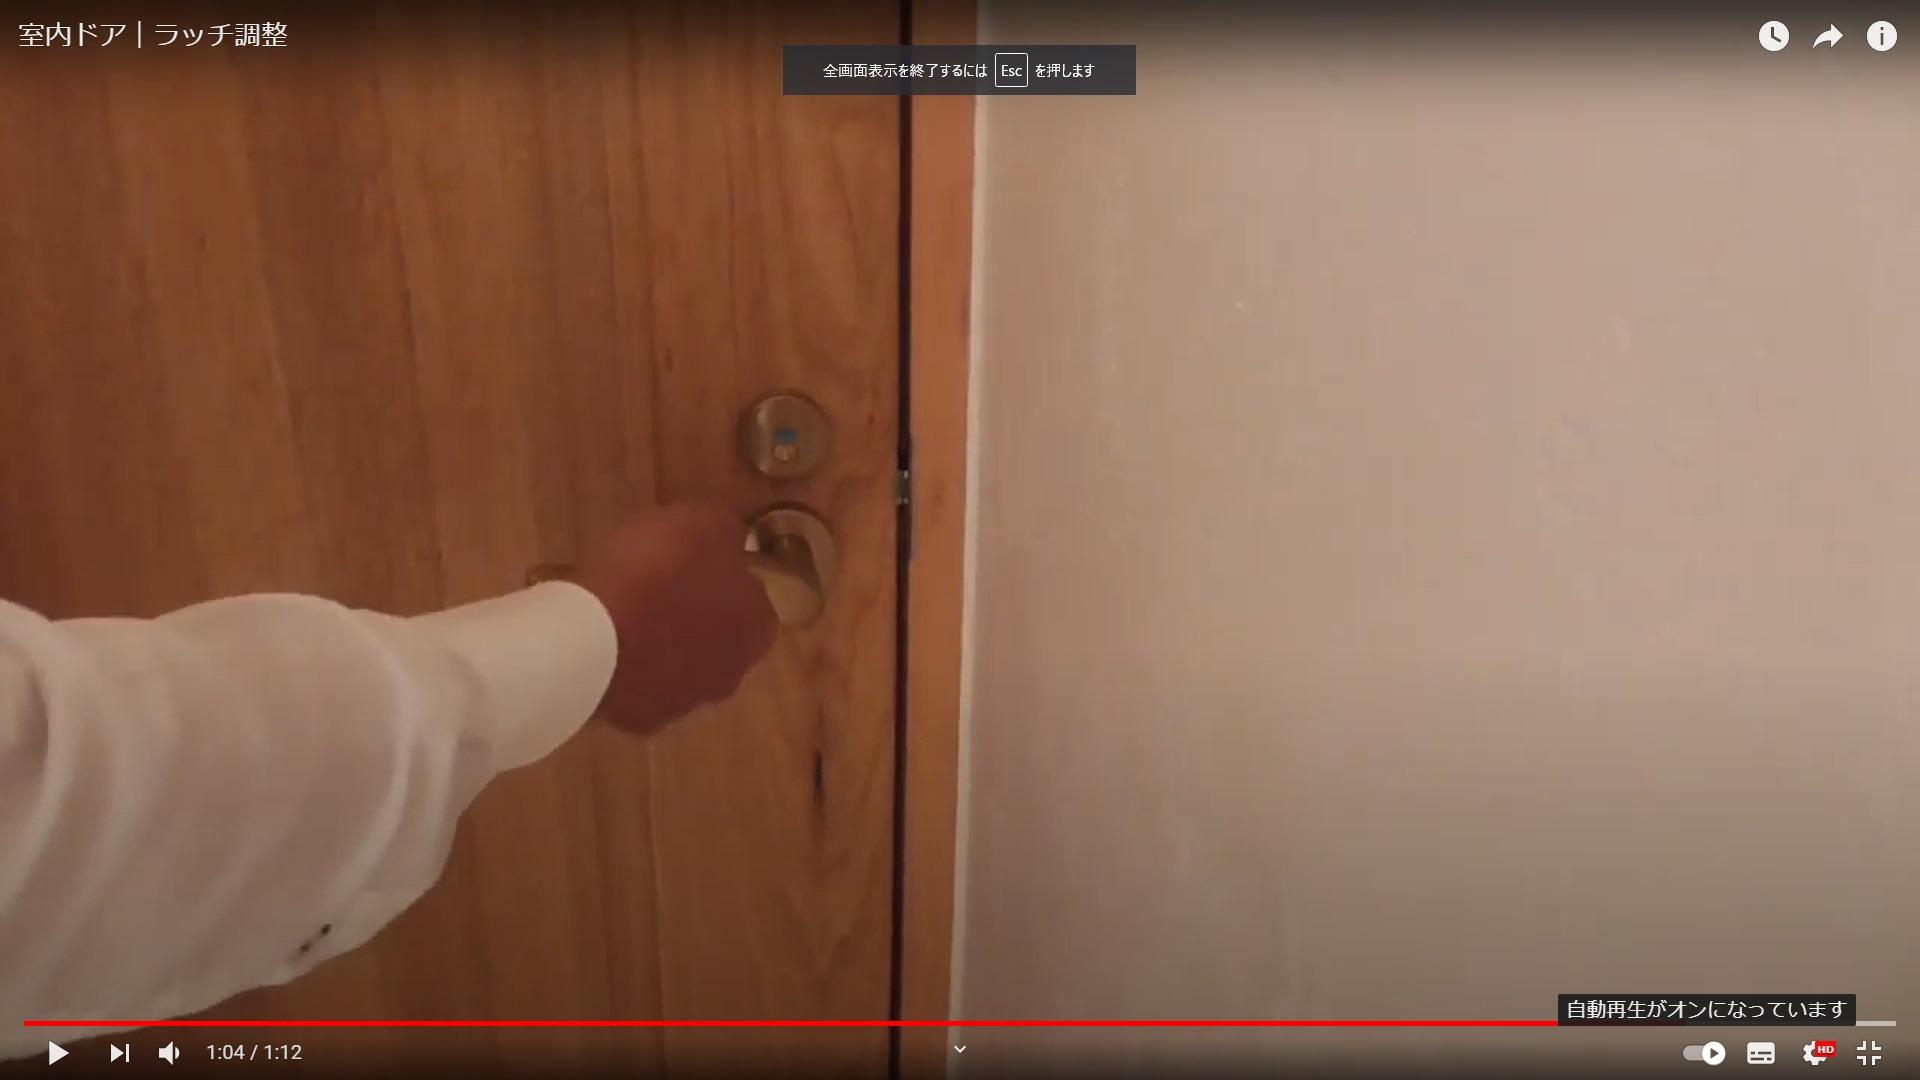 戸を閉めてラッチの掛かり具合を確認